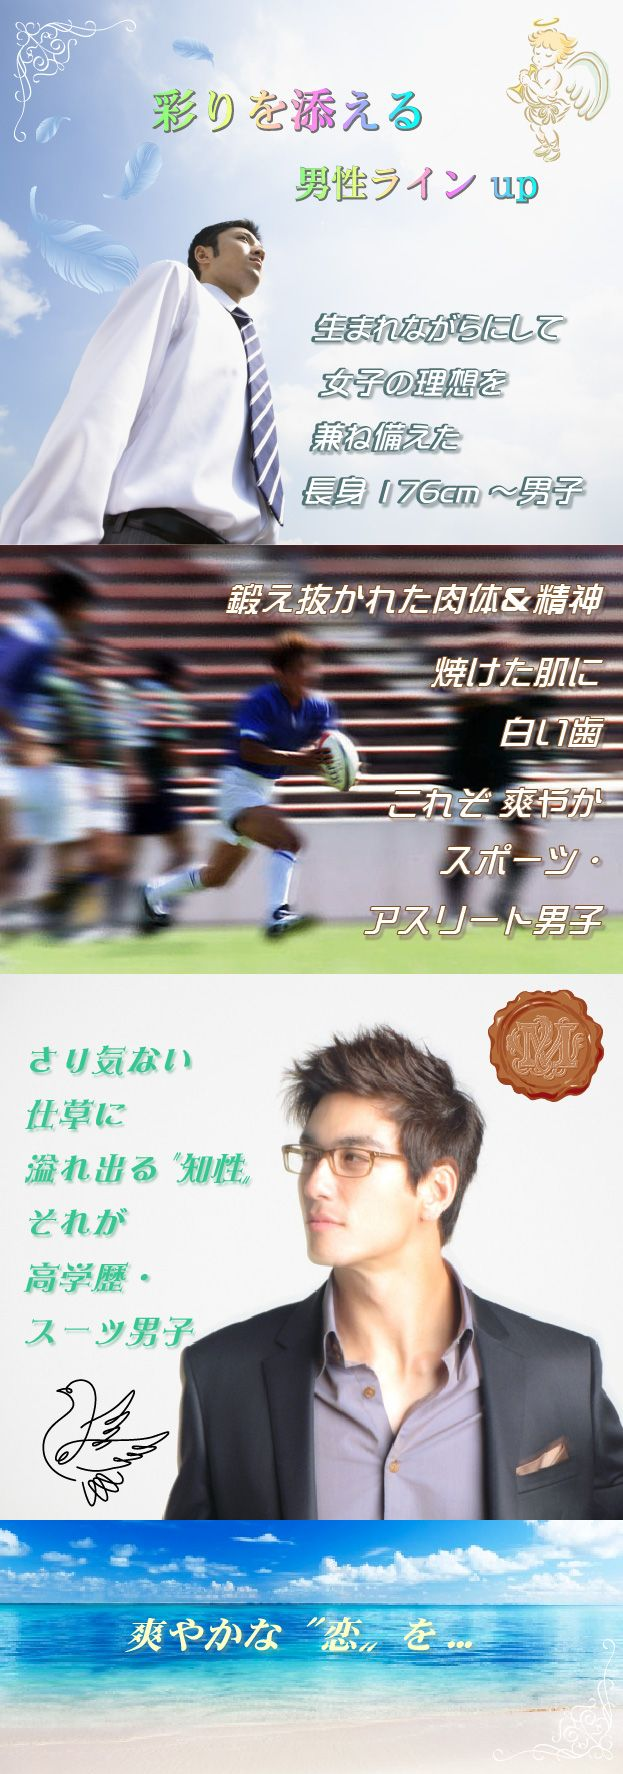 01_176_spo_6dai_02